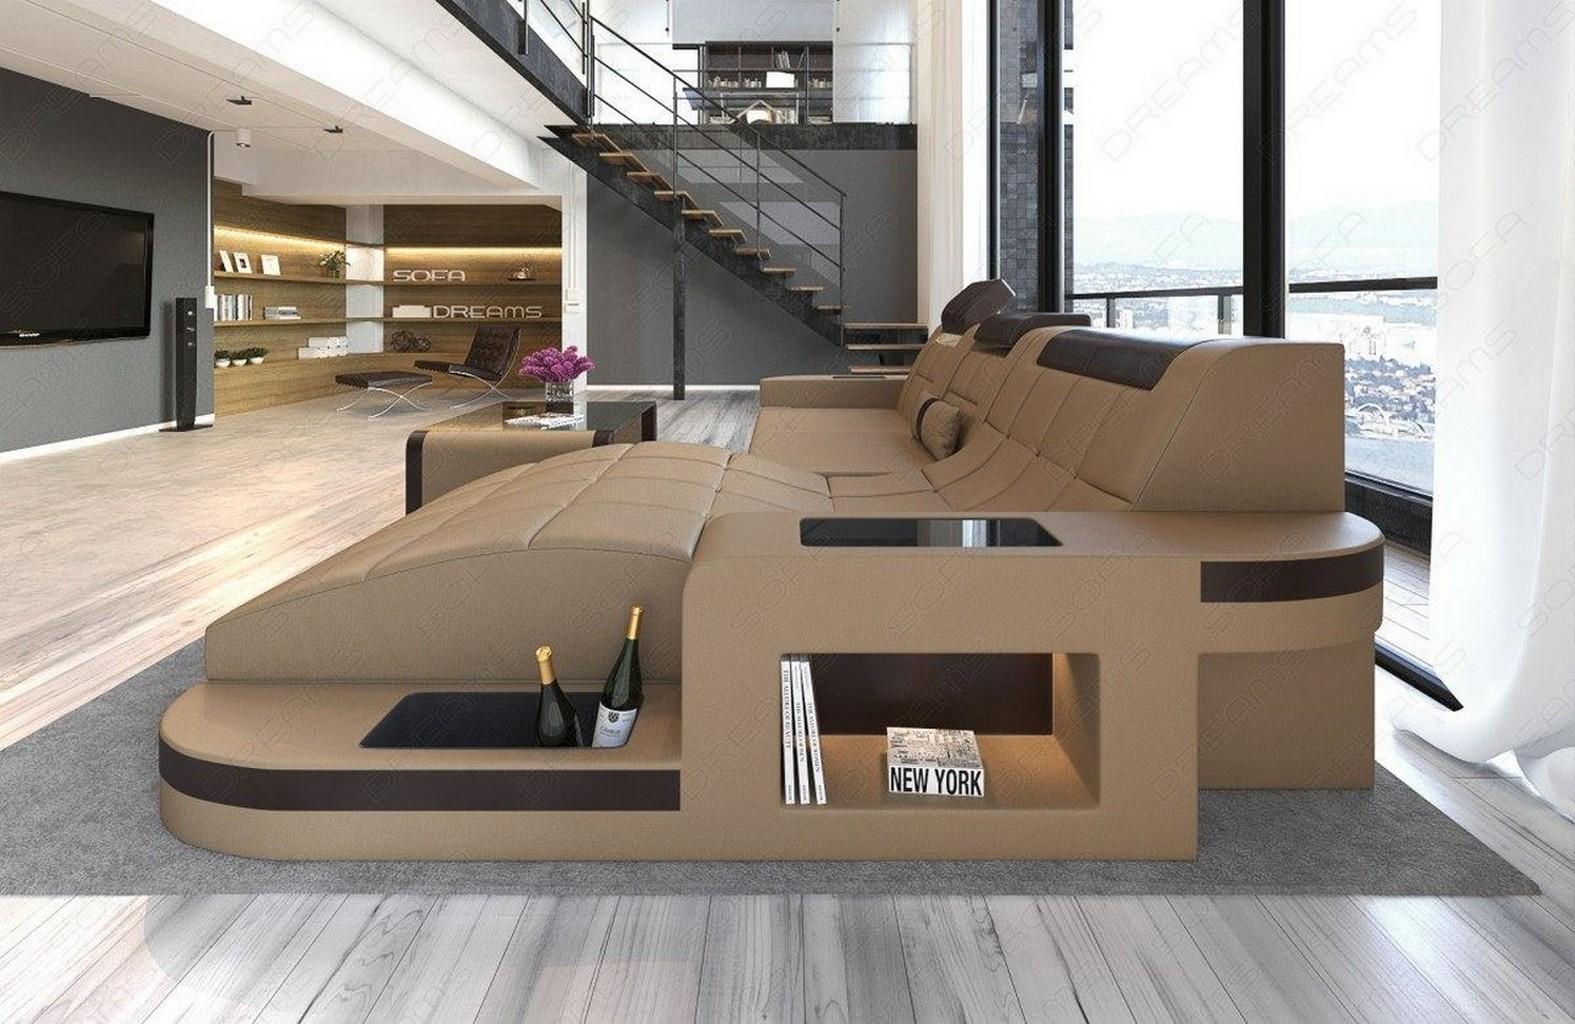 wohnlandschaft wave l form leds relax leder sofa eckcouch megasofa sandbeige ebay. Black Bedroom Furniture Sets. Home Design Ideas